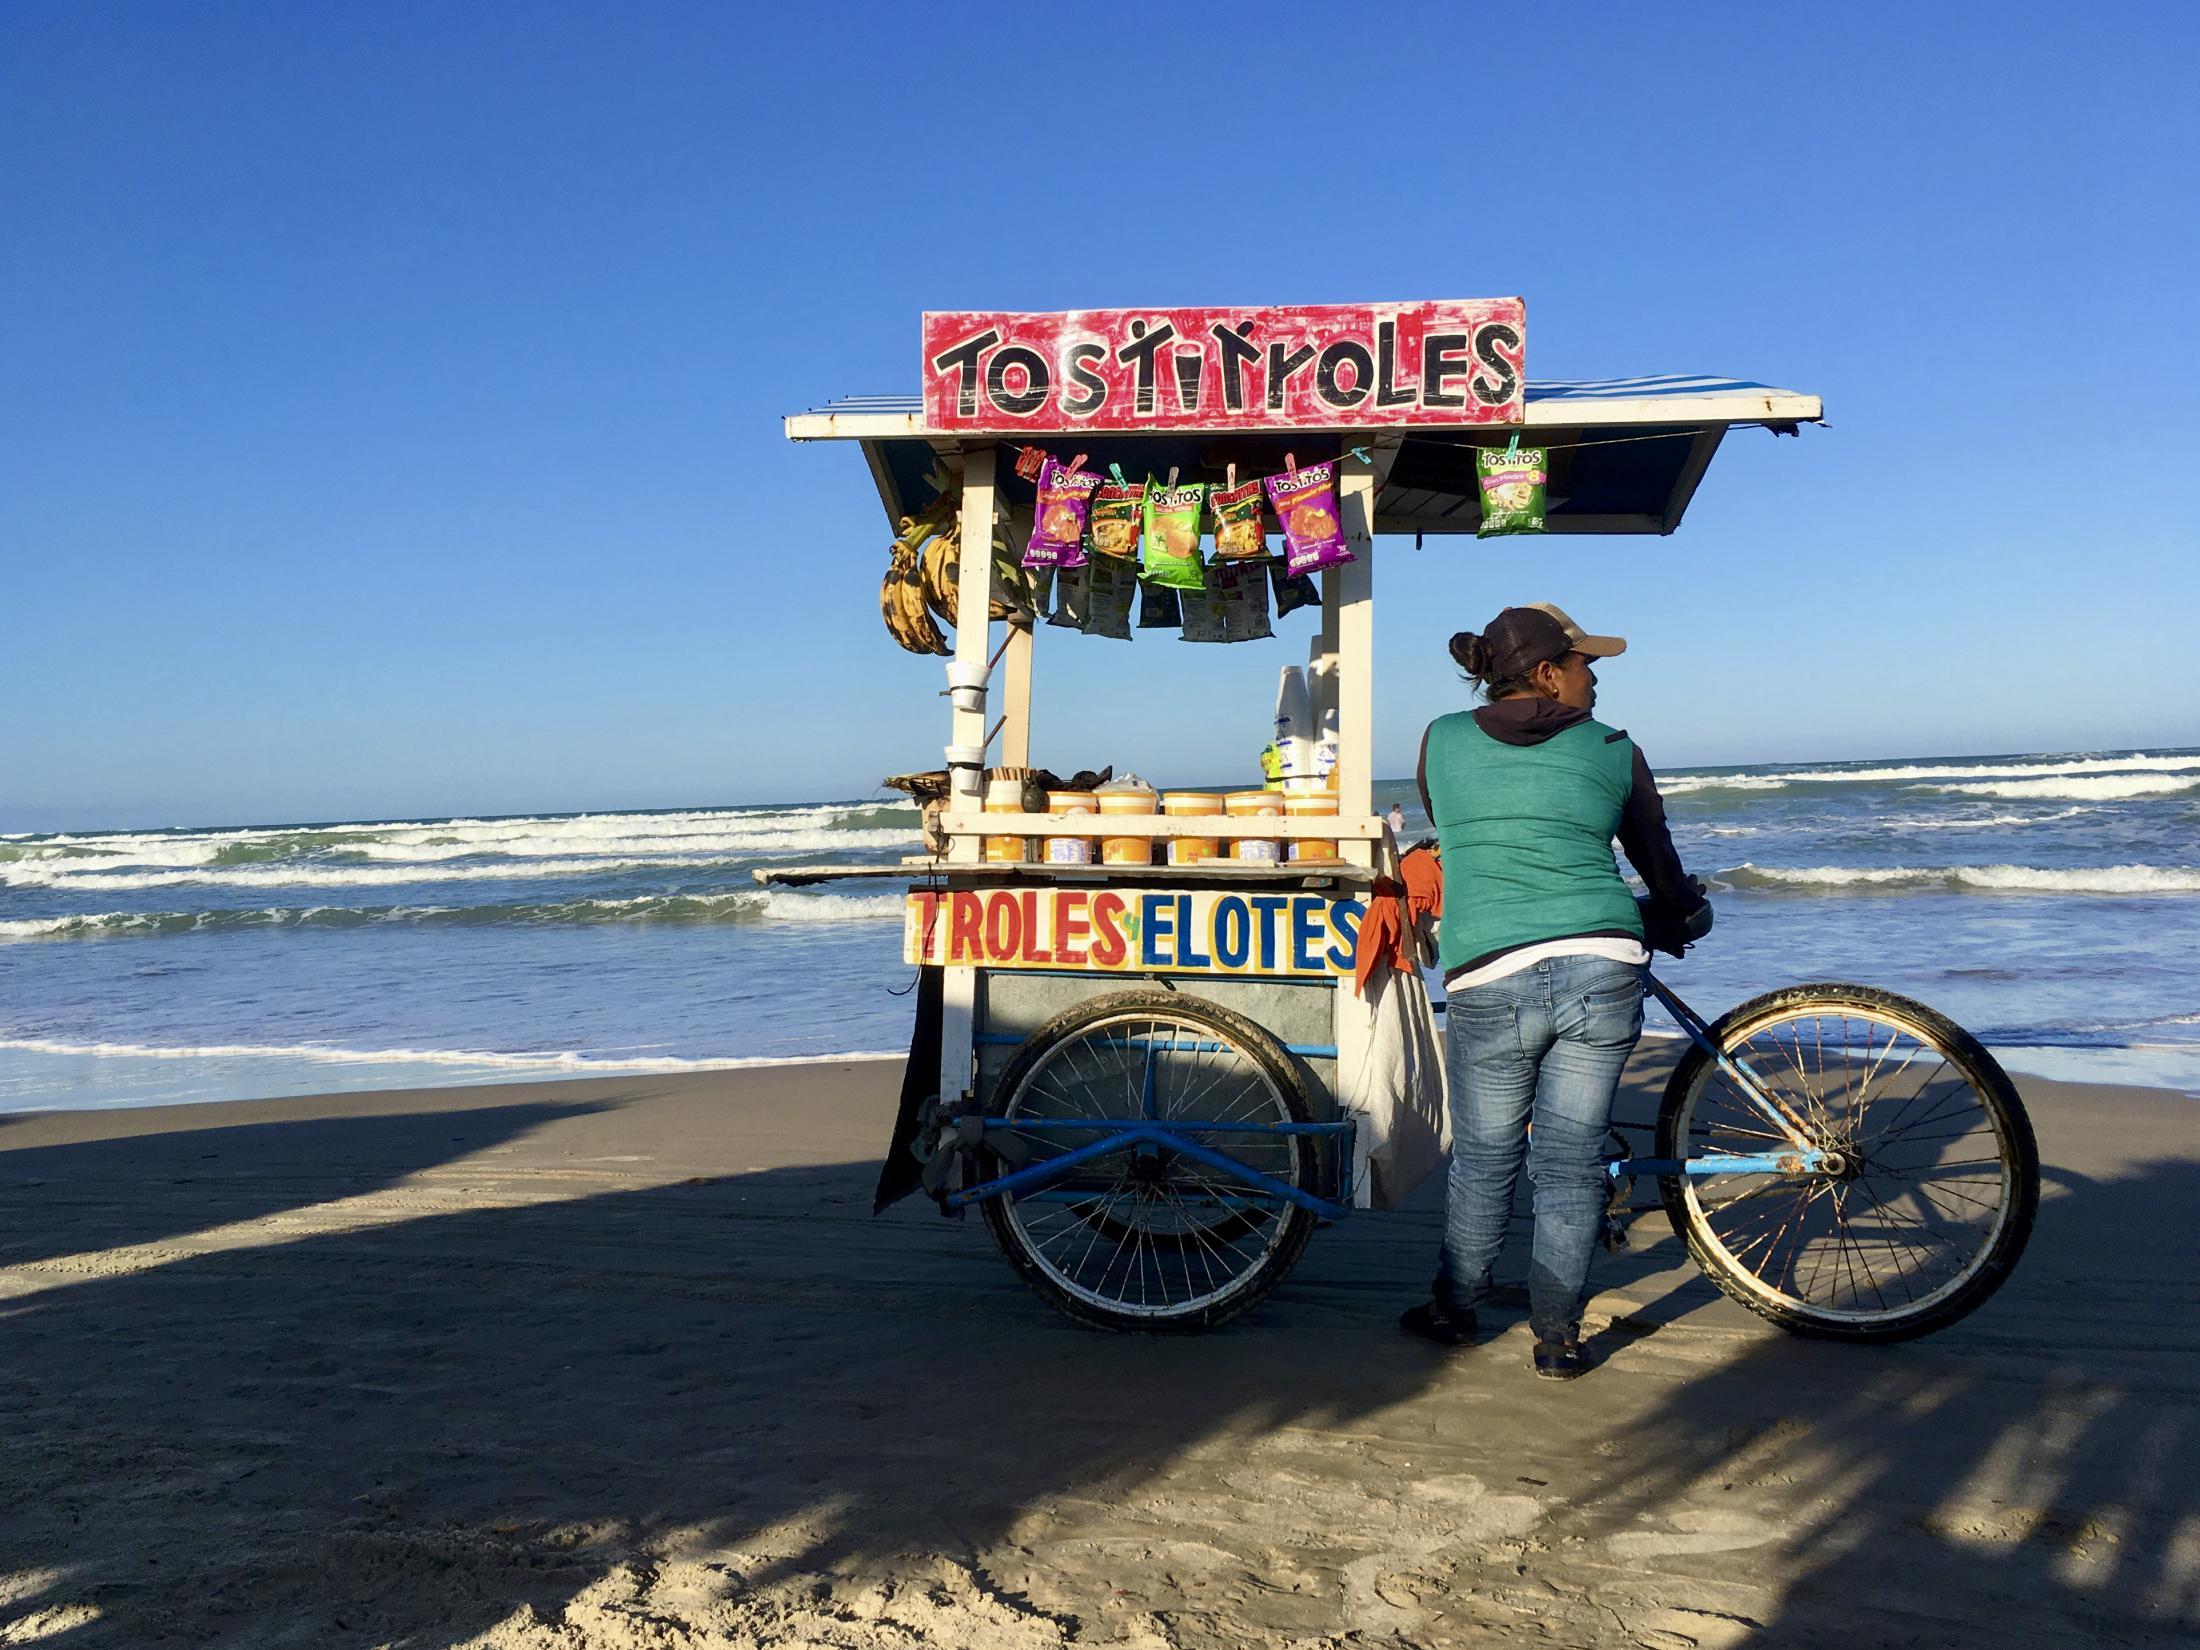 Playa Miramar, Tamaulipas, México - October 2017